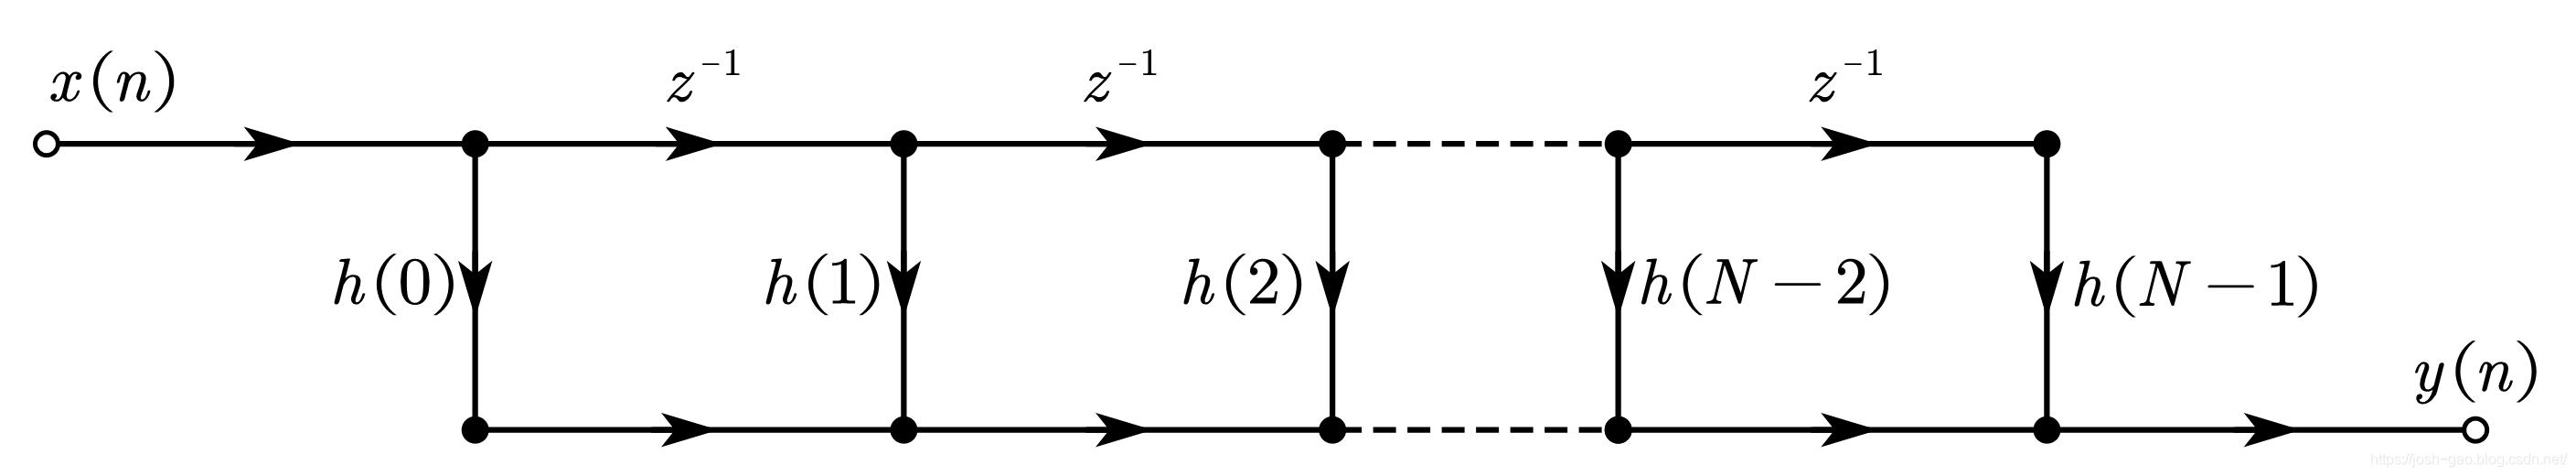 直接型 FIR 滤波器的流图